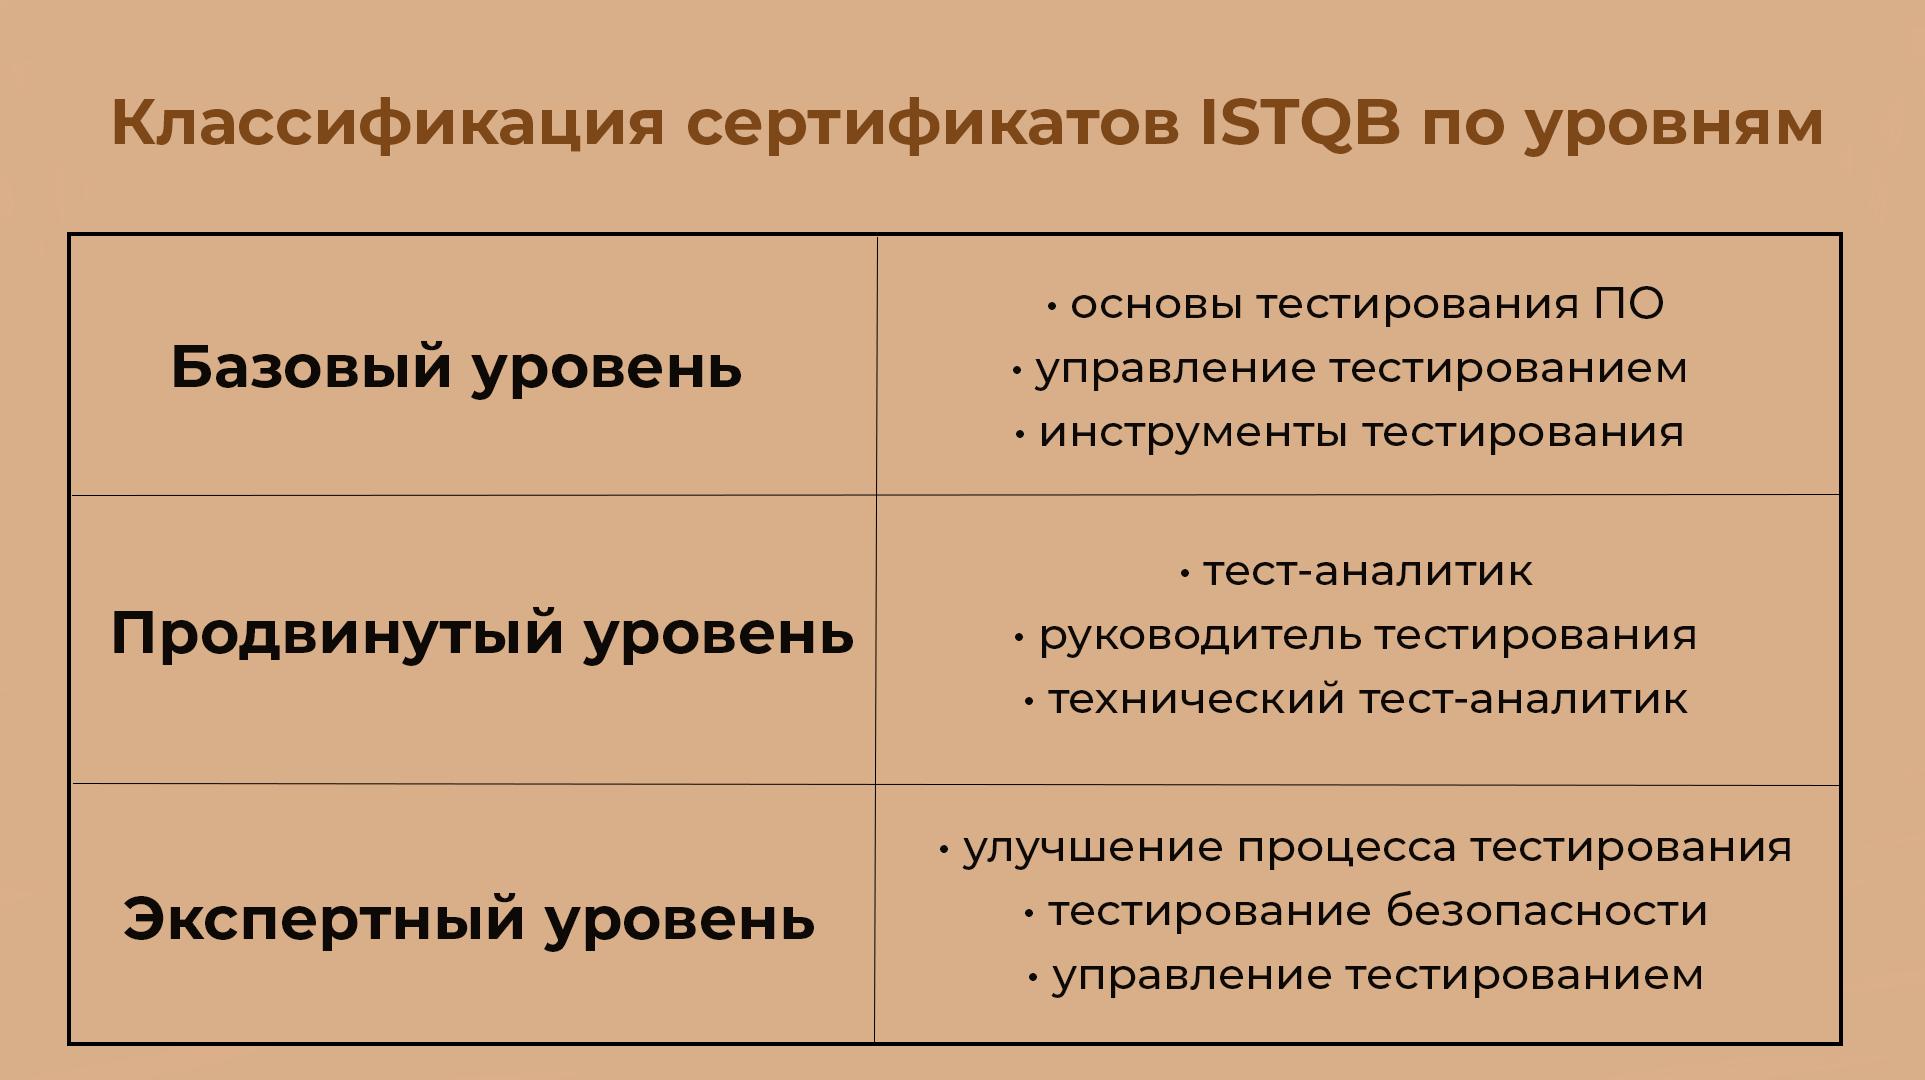 Классификация сертификатов ISTQB по уровням